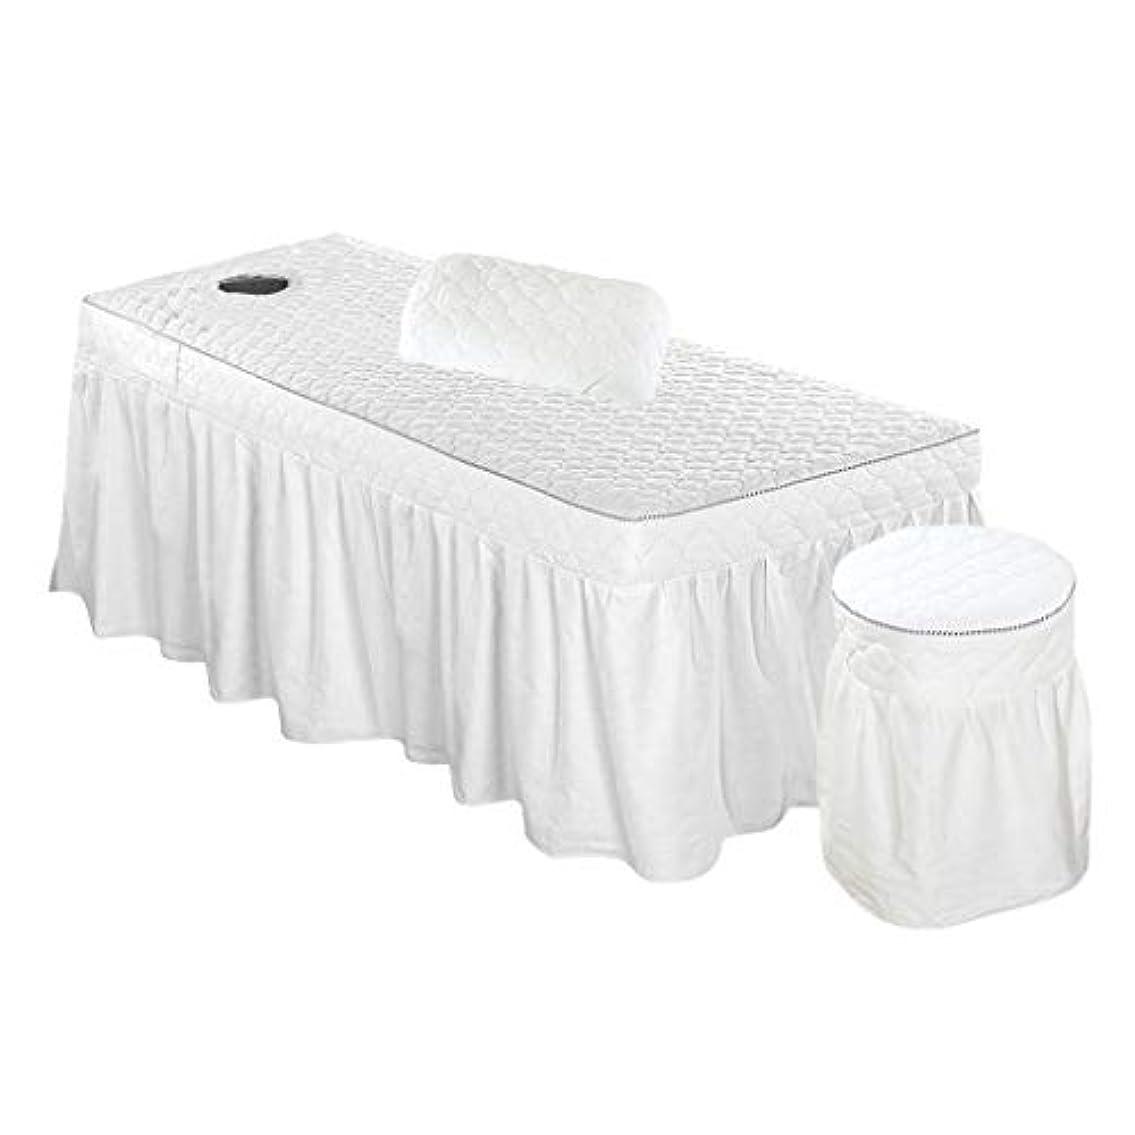 ブラウン賢明な宗教的なスパ マッサージベッドカバー+スツールカバー+枕カバー 有孔 綿製 3枚セット - ホワイト